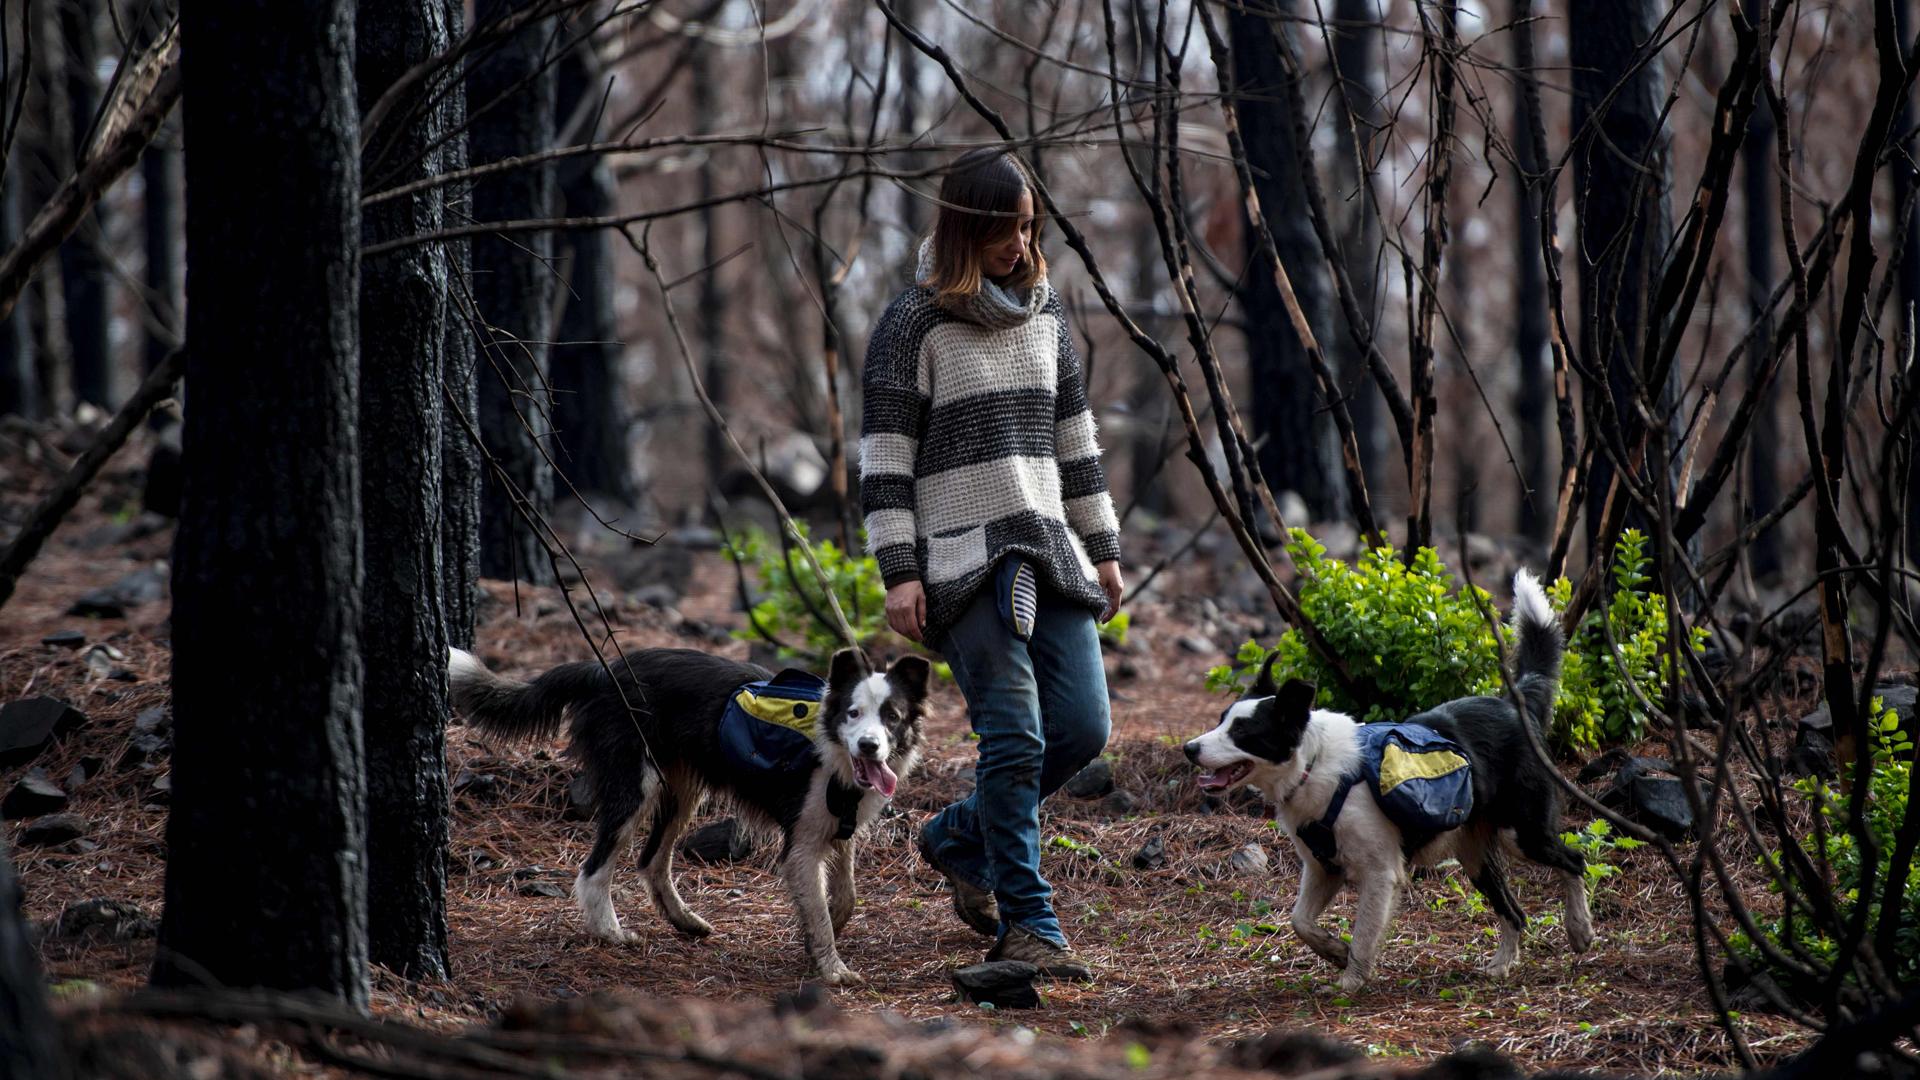 En enero, la Región del Maule fue arrasada por un incendio. Hoy la esperanza de resurgimiento renace con la tarea de tres perros (Martin Bernetti/AFP)